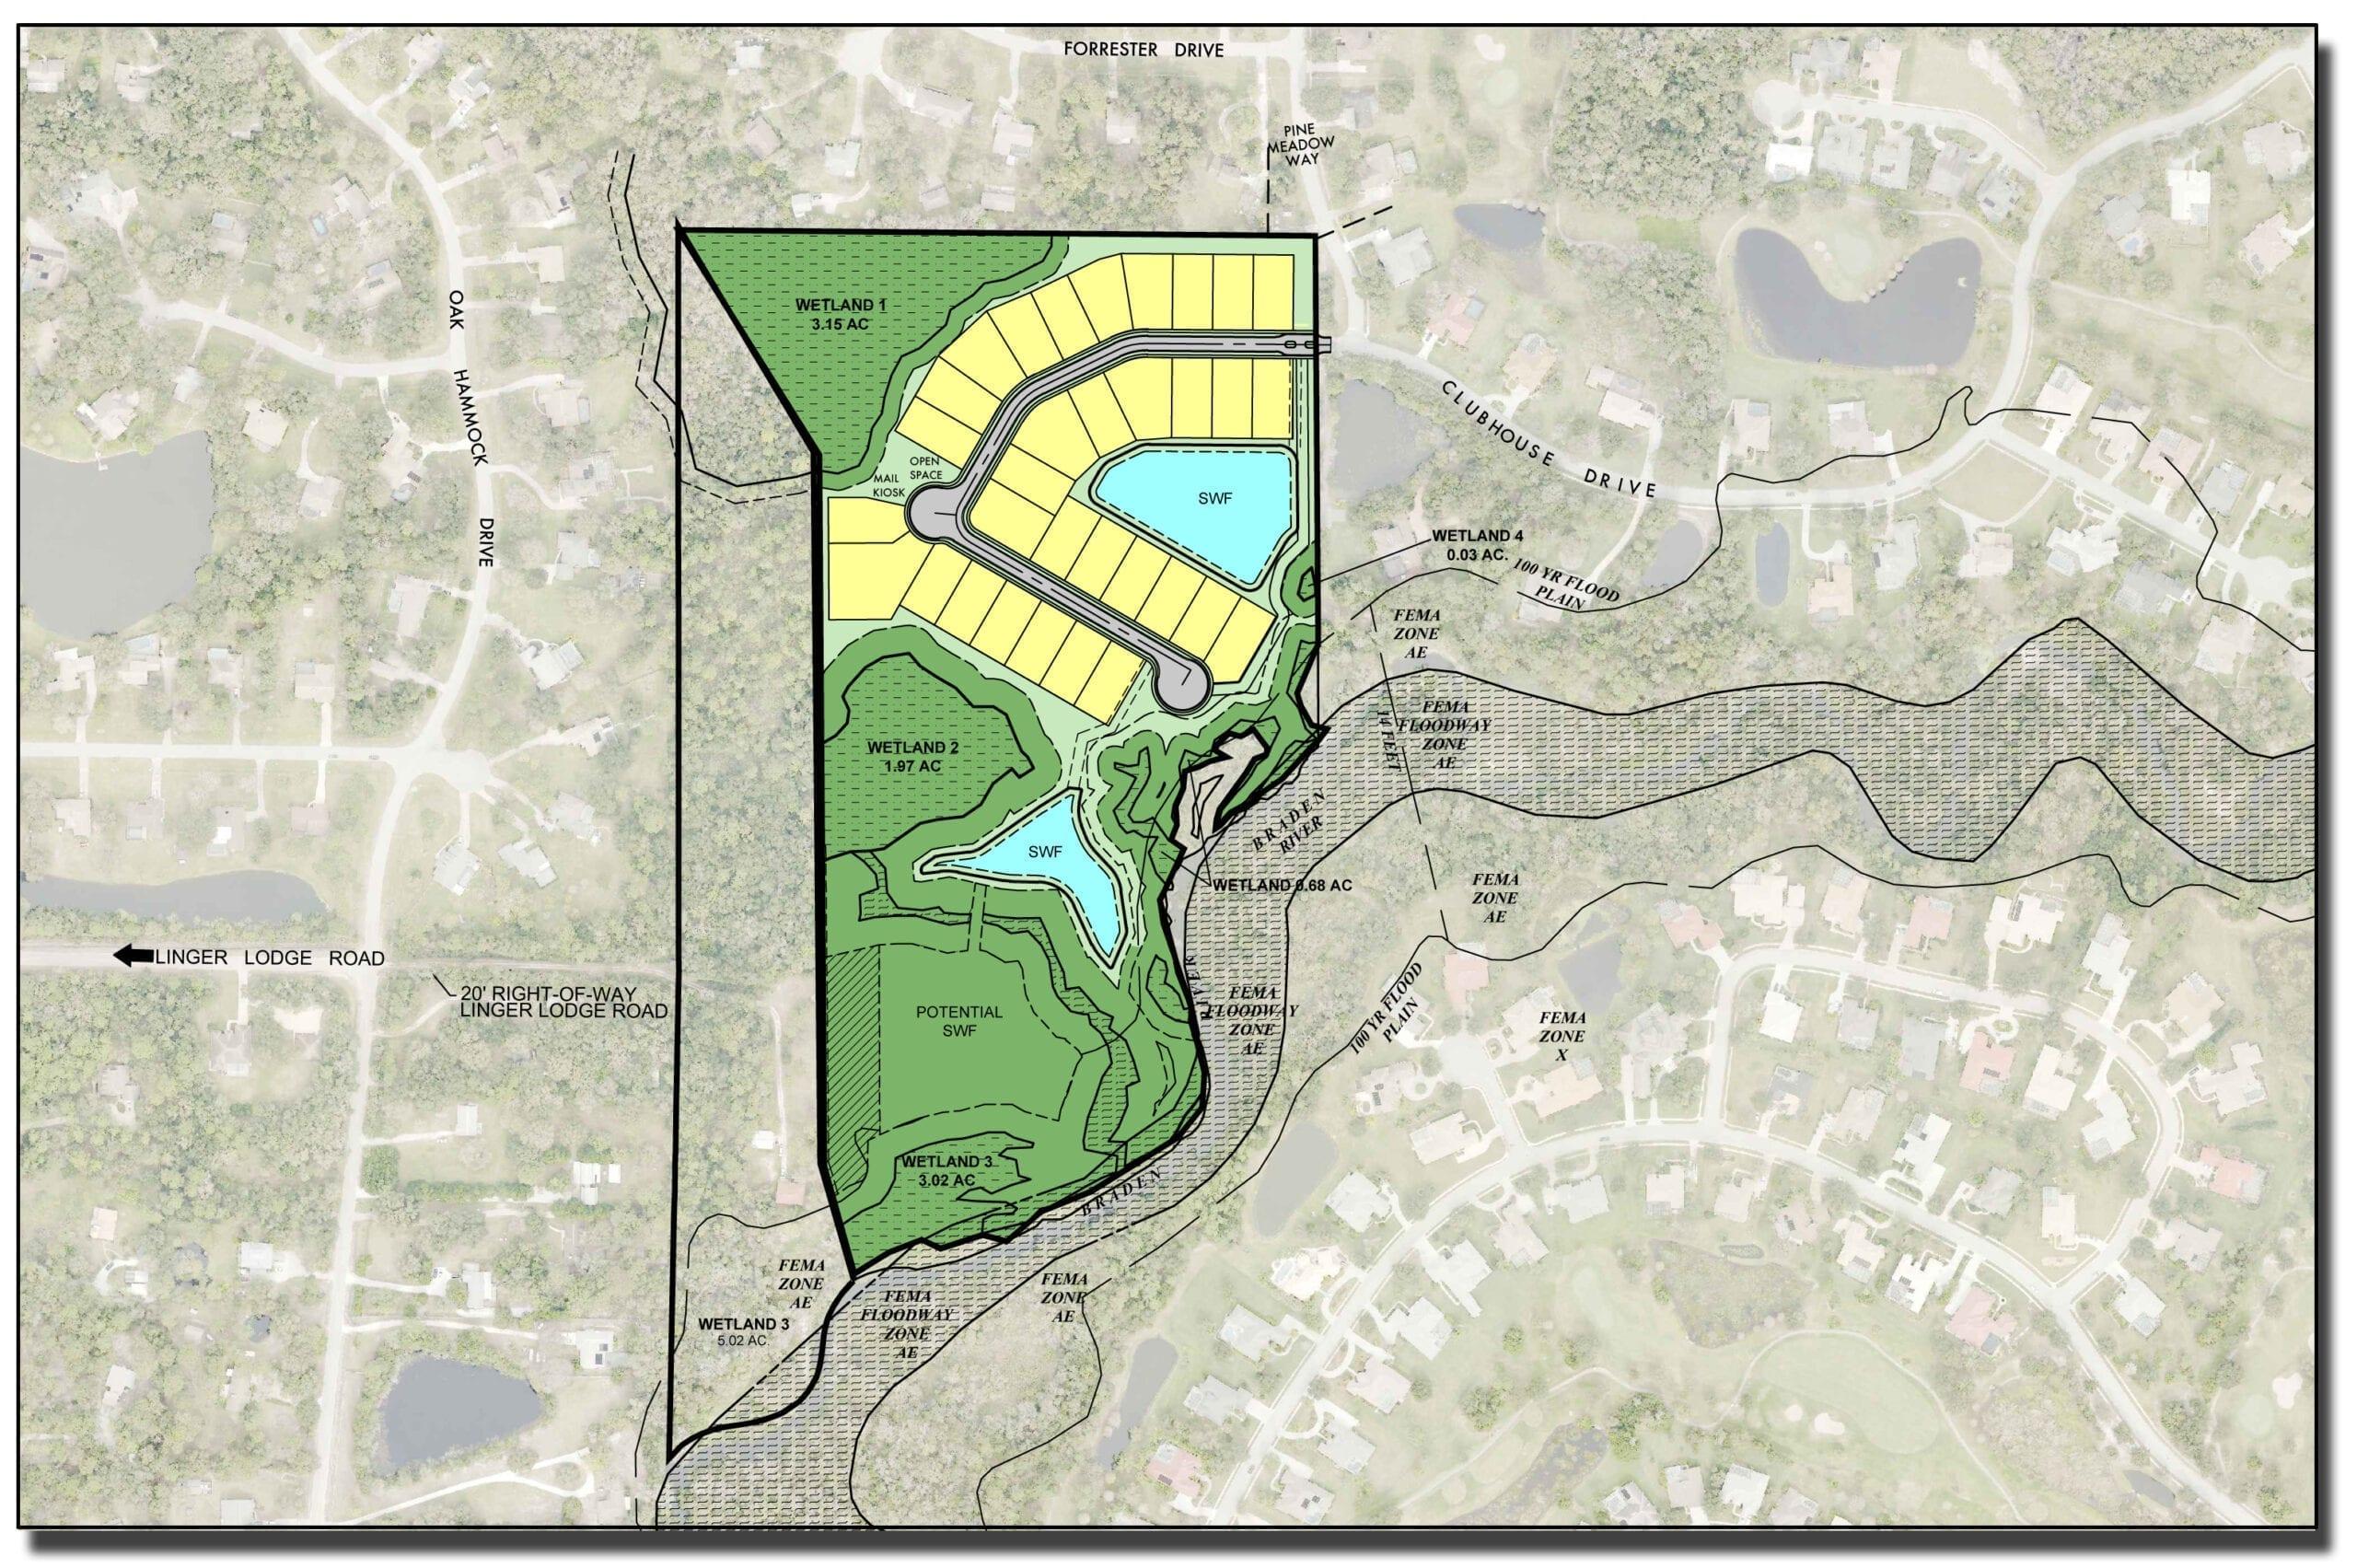 John A. Neal development site map